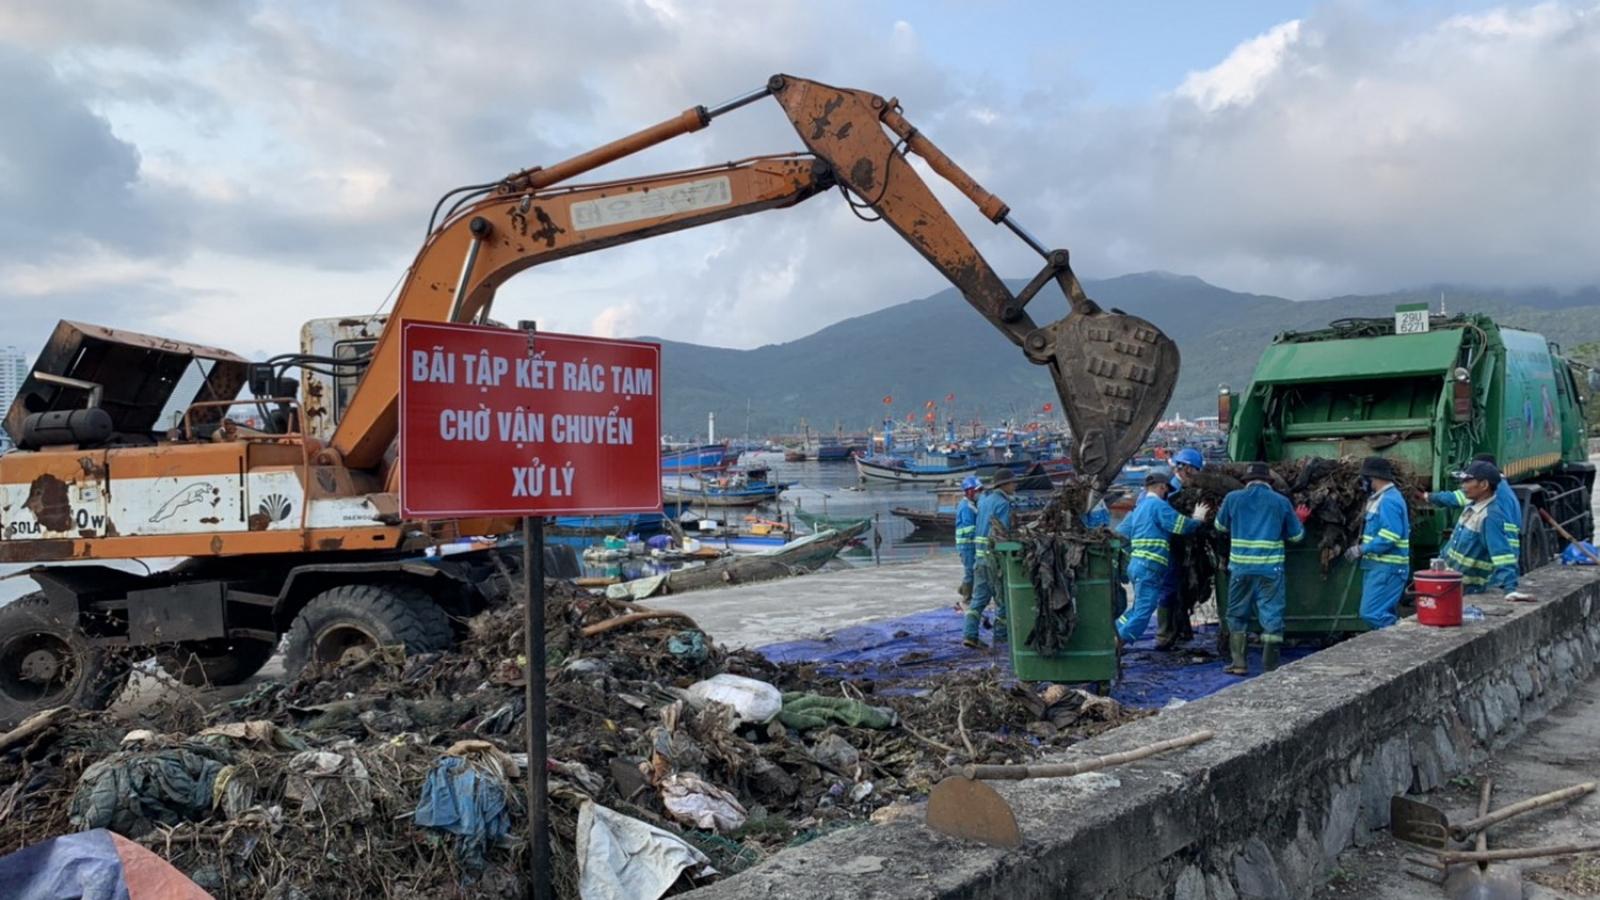 Xử lý rác ở âu thuyền Thọ Quang, Đà Nẵng mới giải quyết phần ngọn